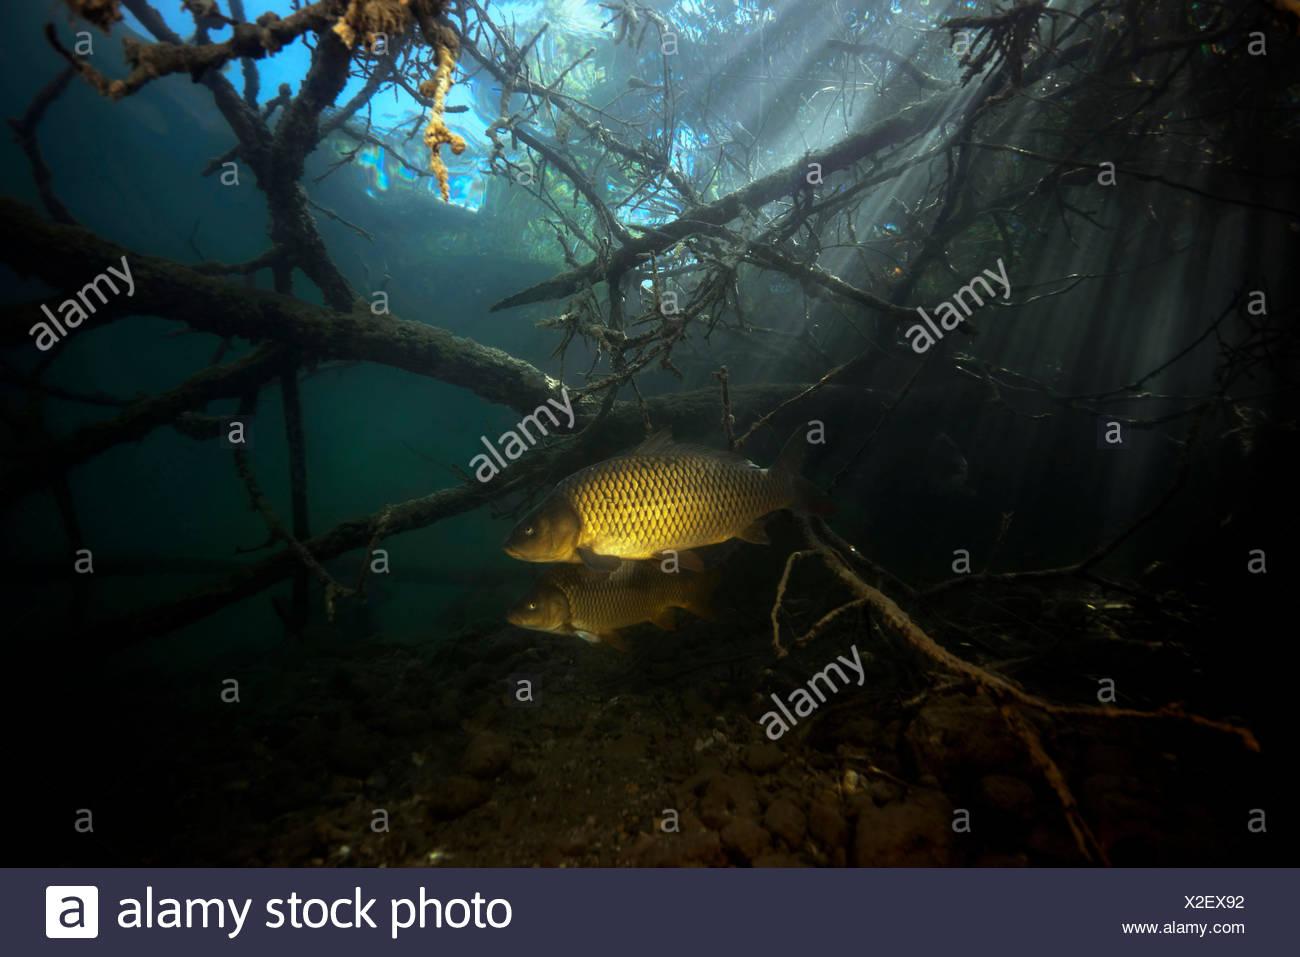 Europäischer Schuppenkarpfen; Karpfen im Uferbereich, Weissensee; Kärten; Österreich; Fisch | Common carp; freshwater; european carp; fish | Cyprinus  - Stock Image